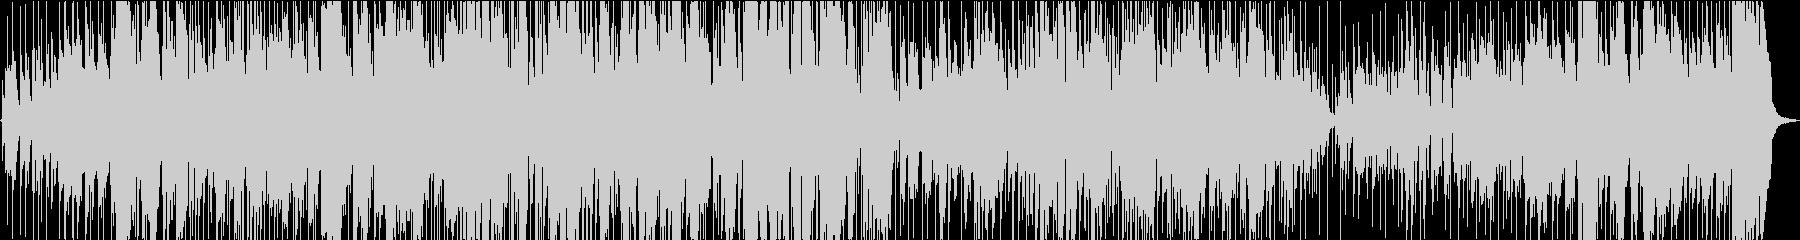 標準ジャズ。ボレロとチャチャチャジ...の未再生の波形